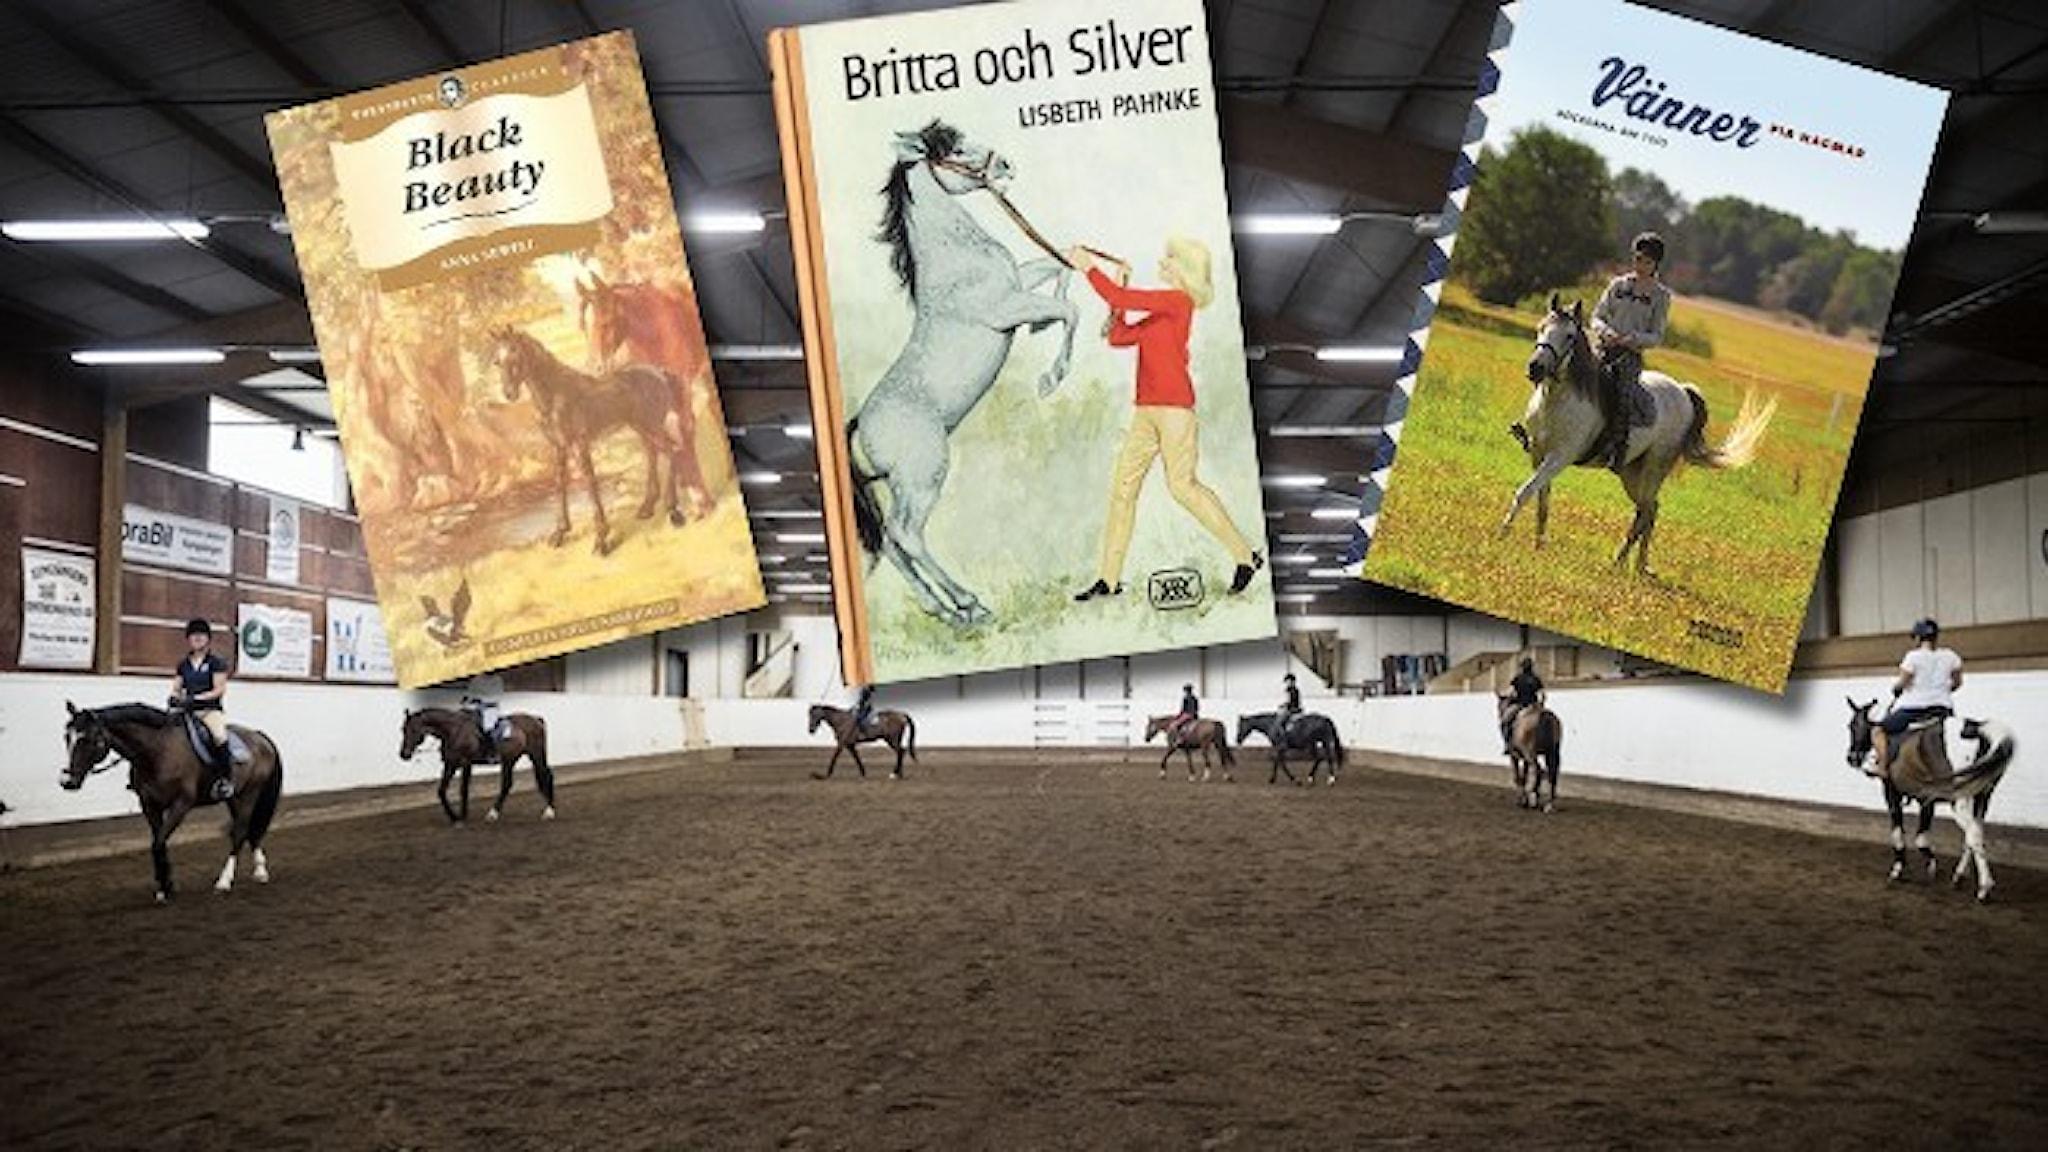 En ridskola där sju hästar och ryttare rider på led. Infällt i bilden är tre omslag till så kallade hästböcker.